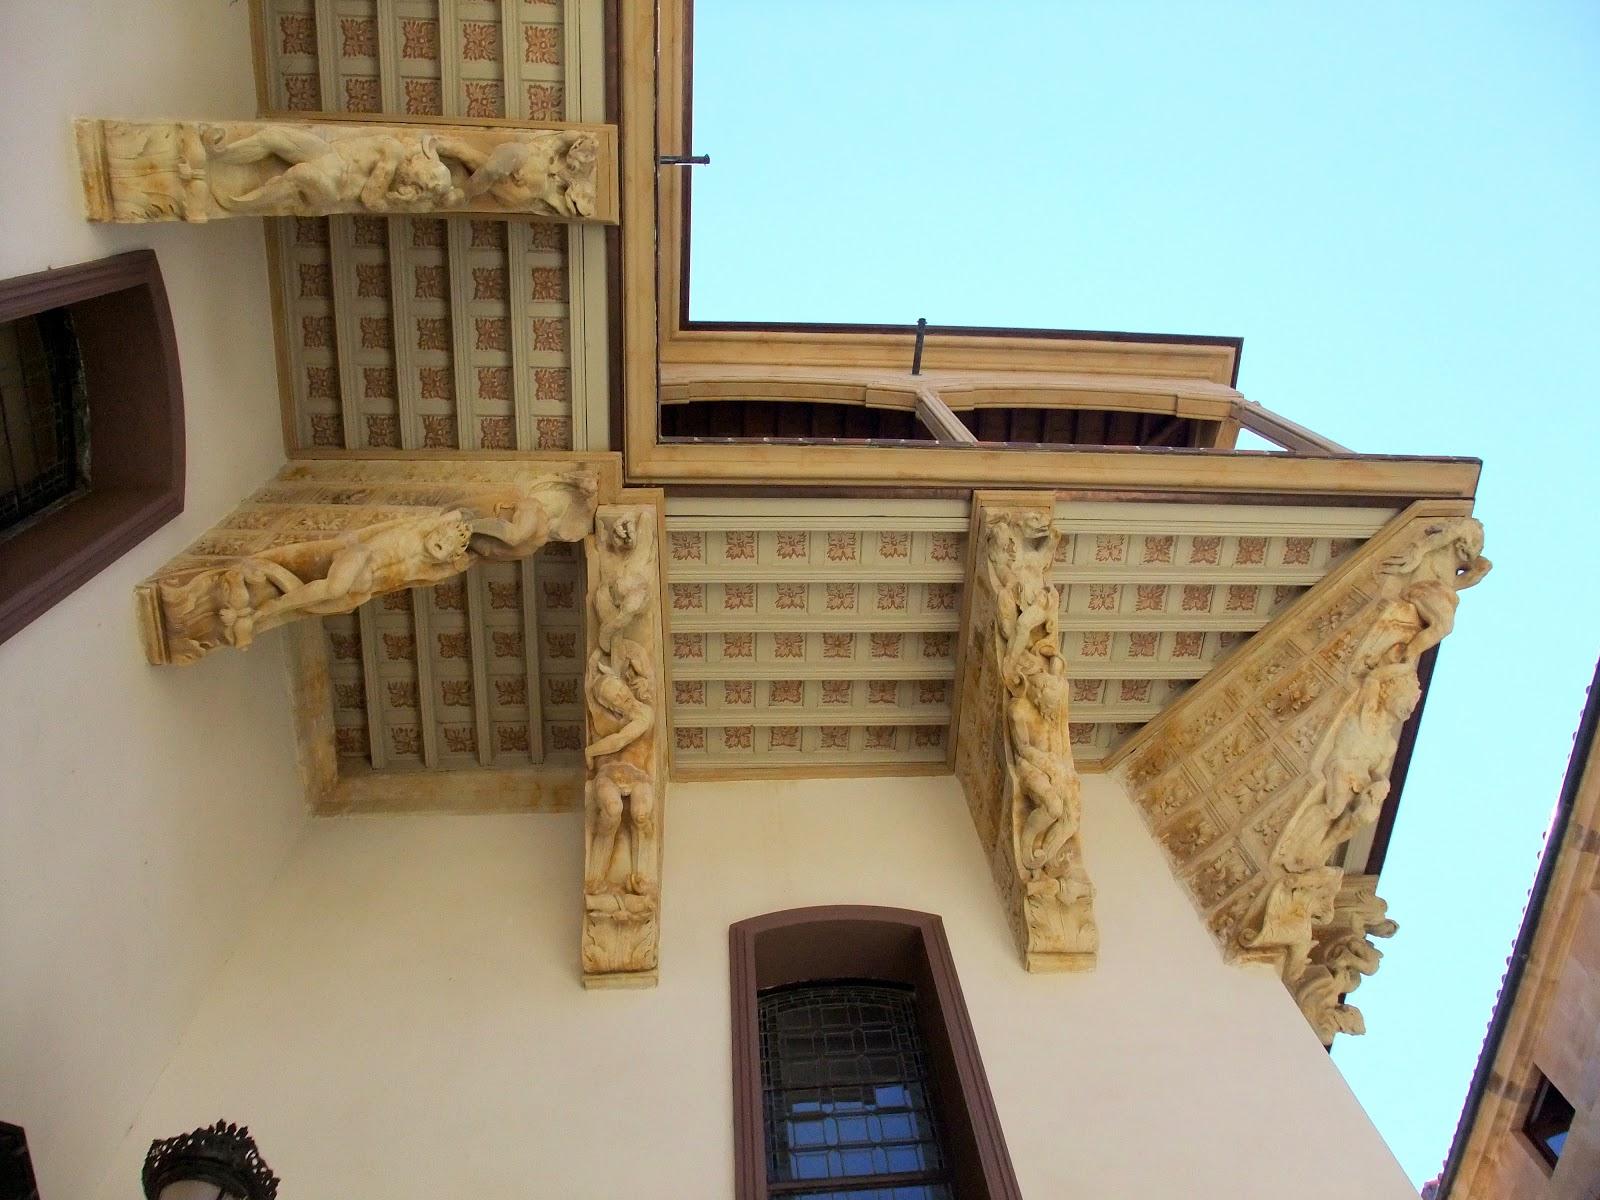 Buscando montsalvatge salamanca palacio de la salina - Calle valencia salamanca ...